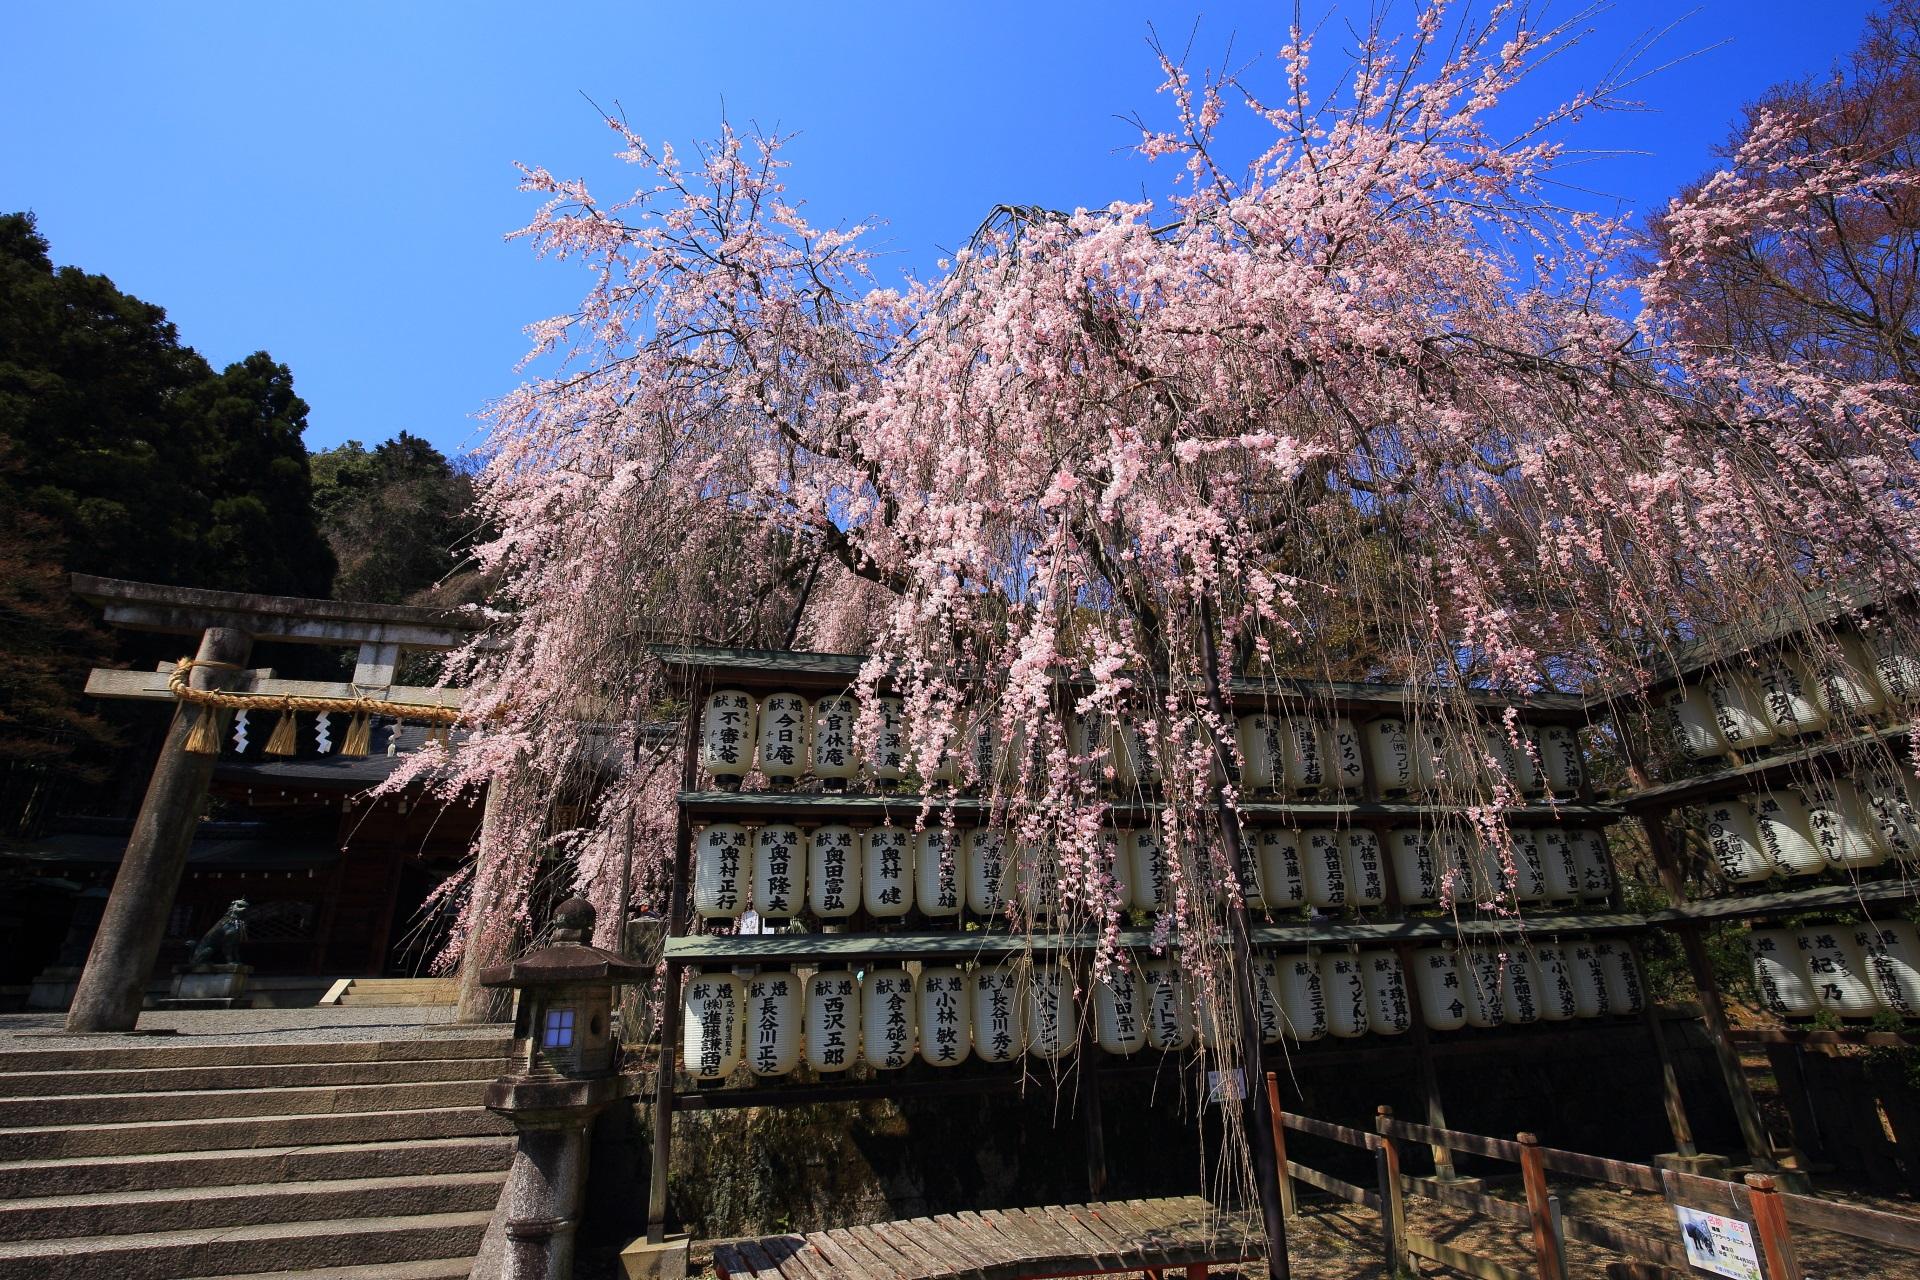 何度見ても絵になる駒形提灯としだれ桜の春の風景